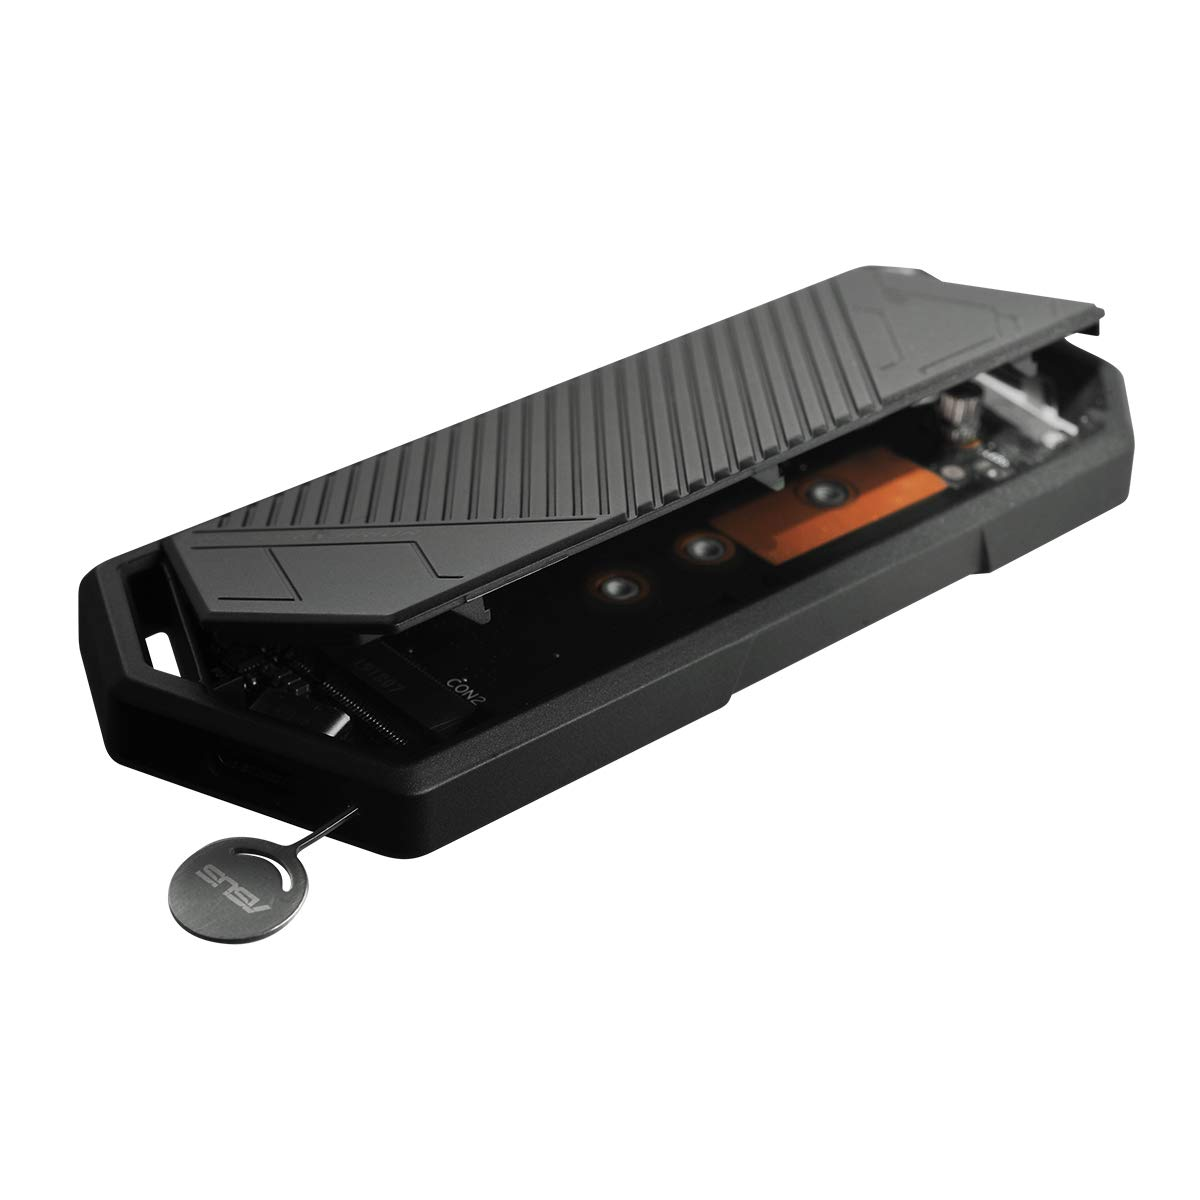 Caja de SSD M.2 NVMe ASUS ROG Strix Arion USB3.2 Gen. 2 de Tipo C 10 Gbps, Cables USB-C a C y USB-C a A, instalaci/ón sin Destornillador, Almohadillas t/érmicas, Compatible con PCIe